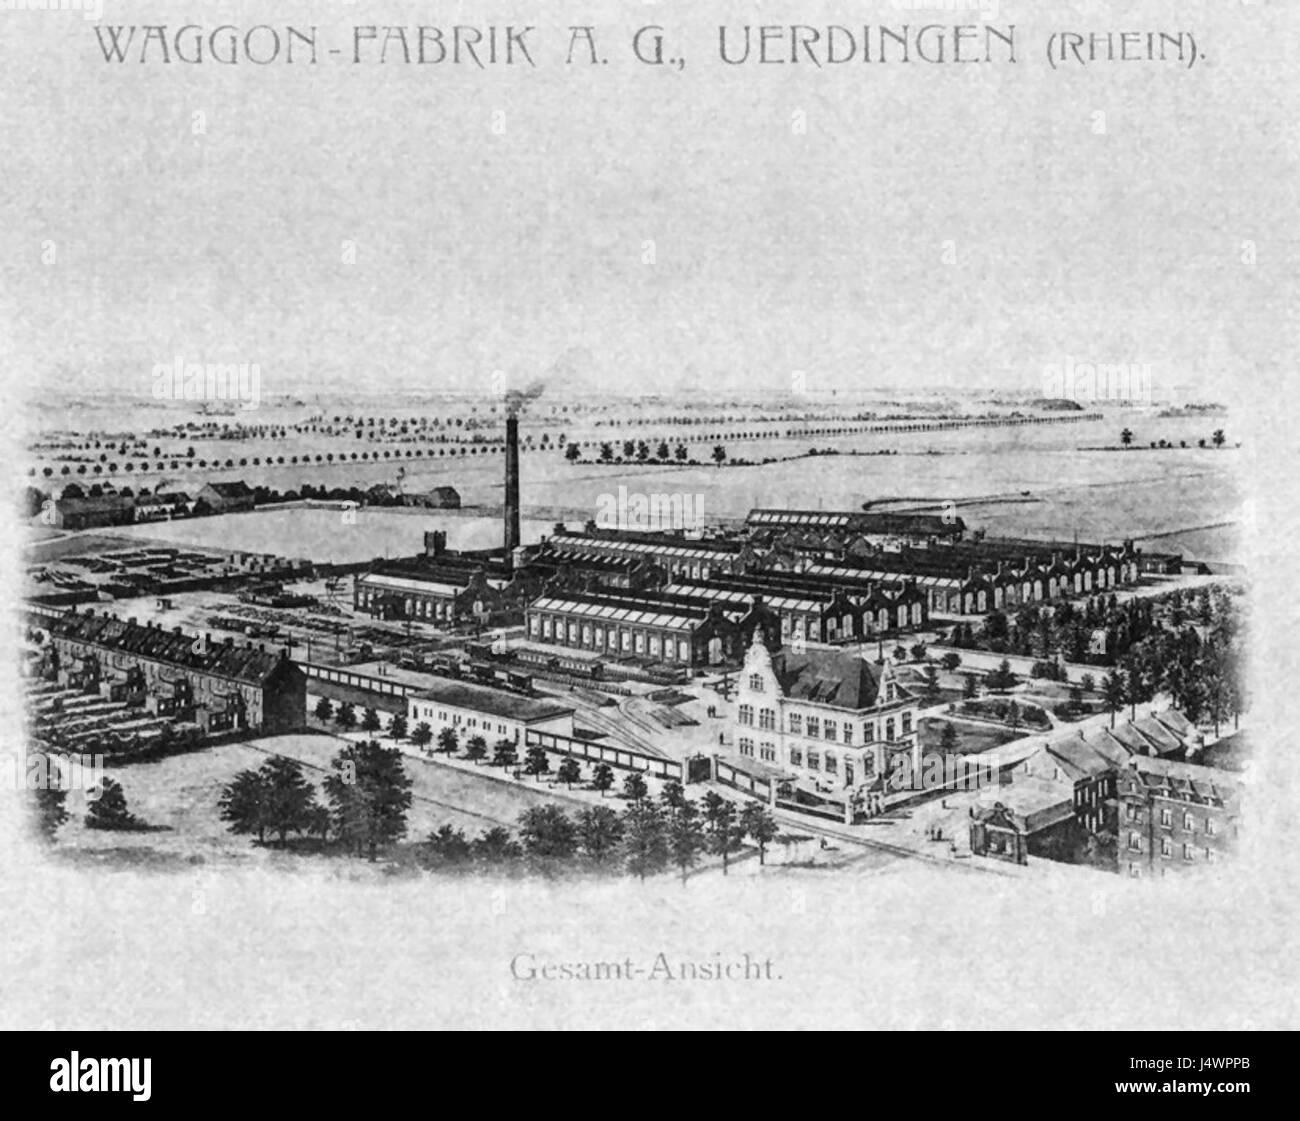 Waggonfabrik Uerdingen 1911 - Stock Image